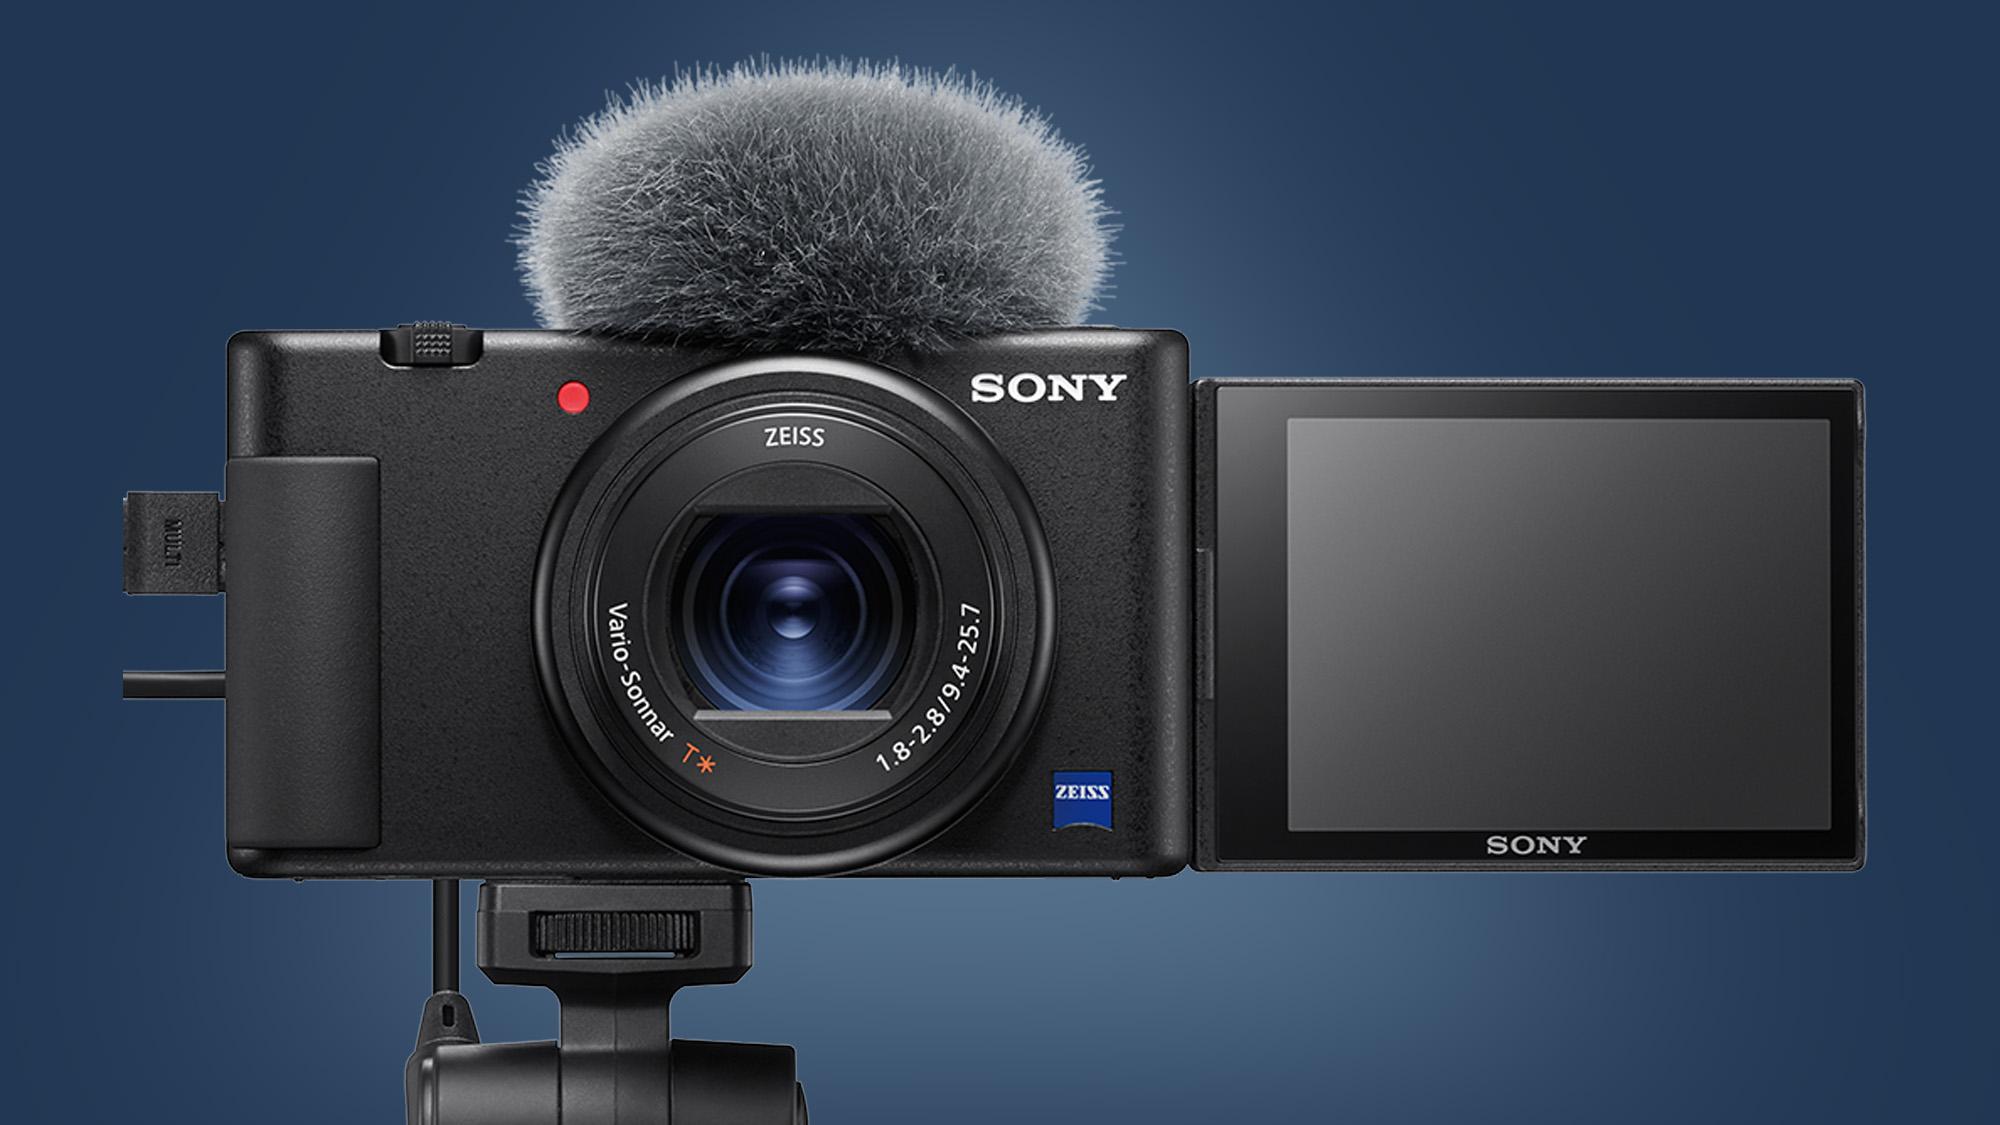 Cámara Sony ZV-1 sobre fondo azul.